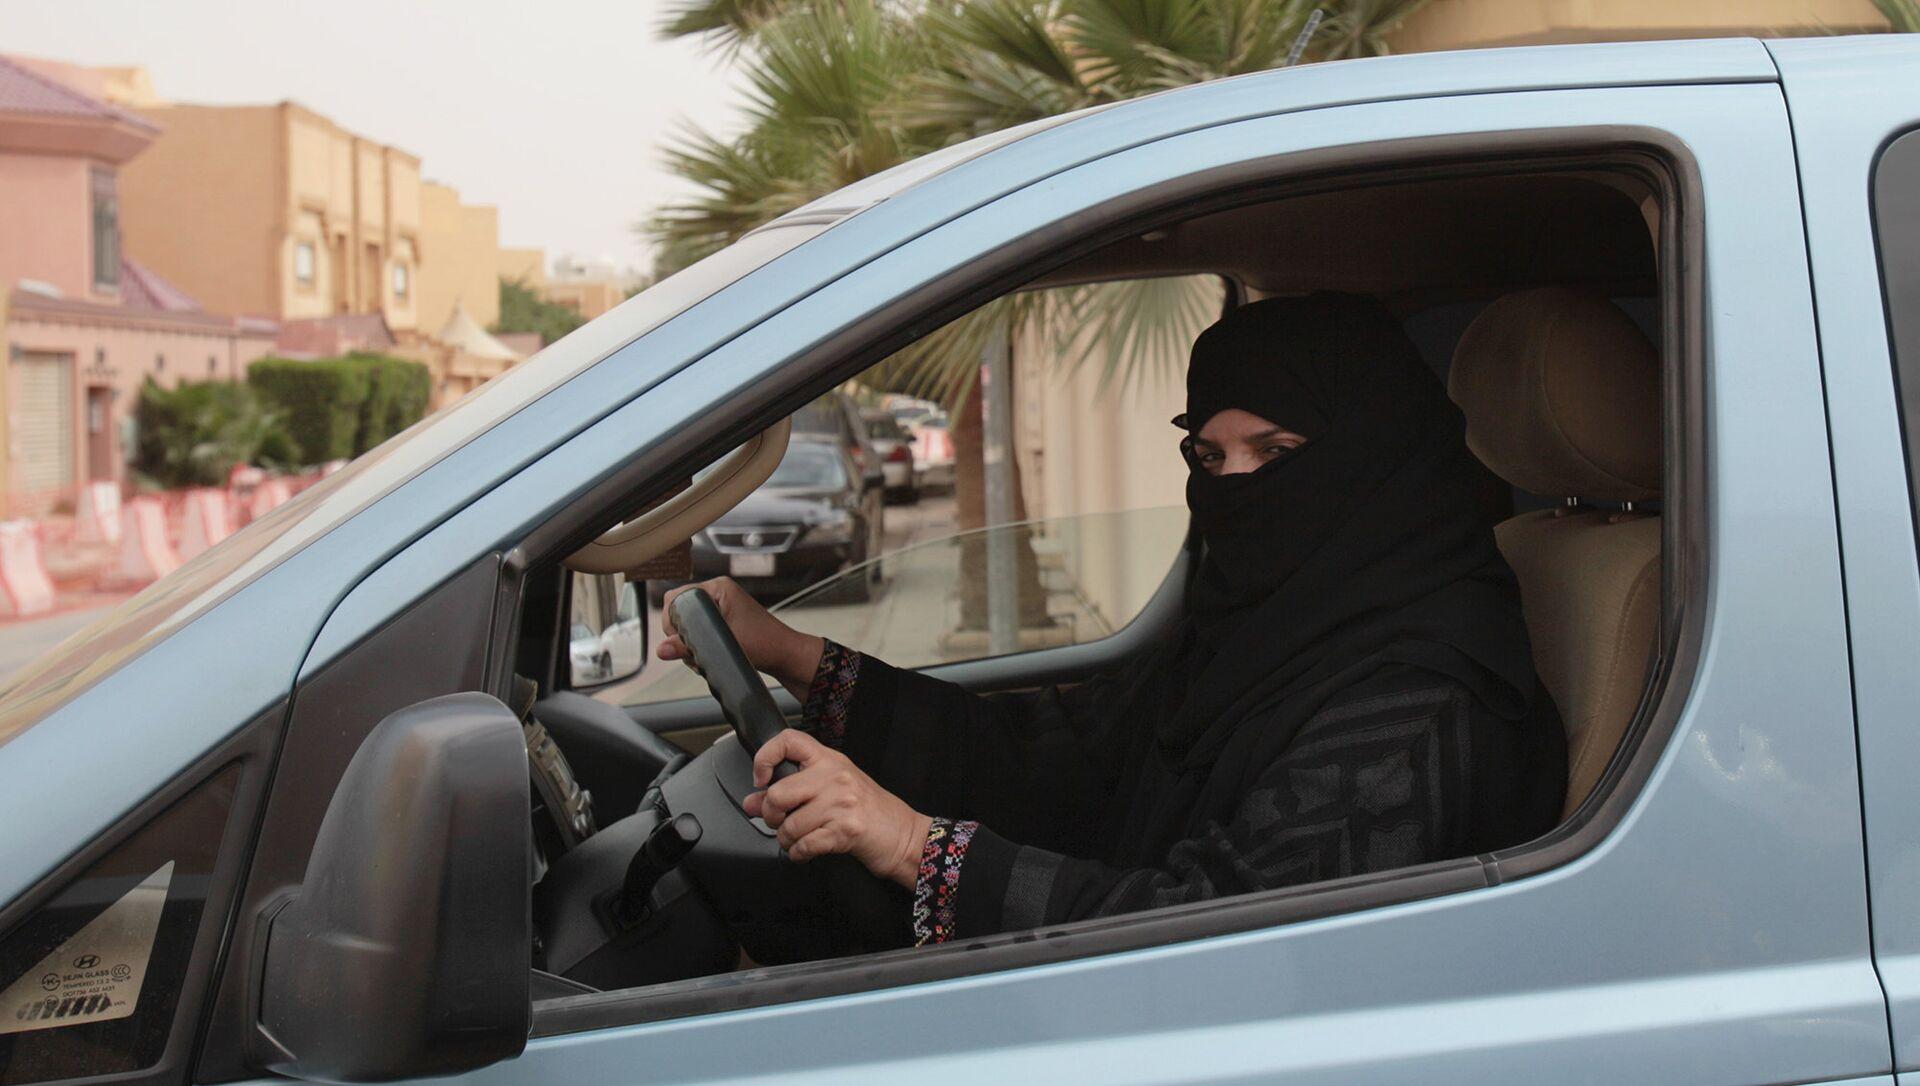 Женщина за рулем автомобиля в Саудовской Аравии - РИА Новости, 1920, 27.09.2017